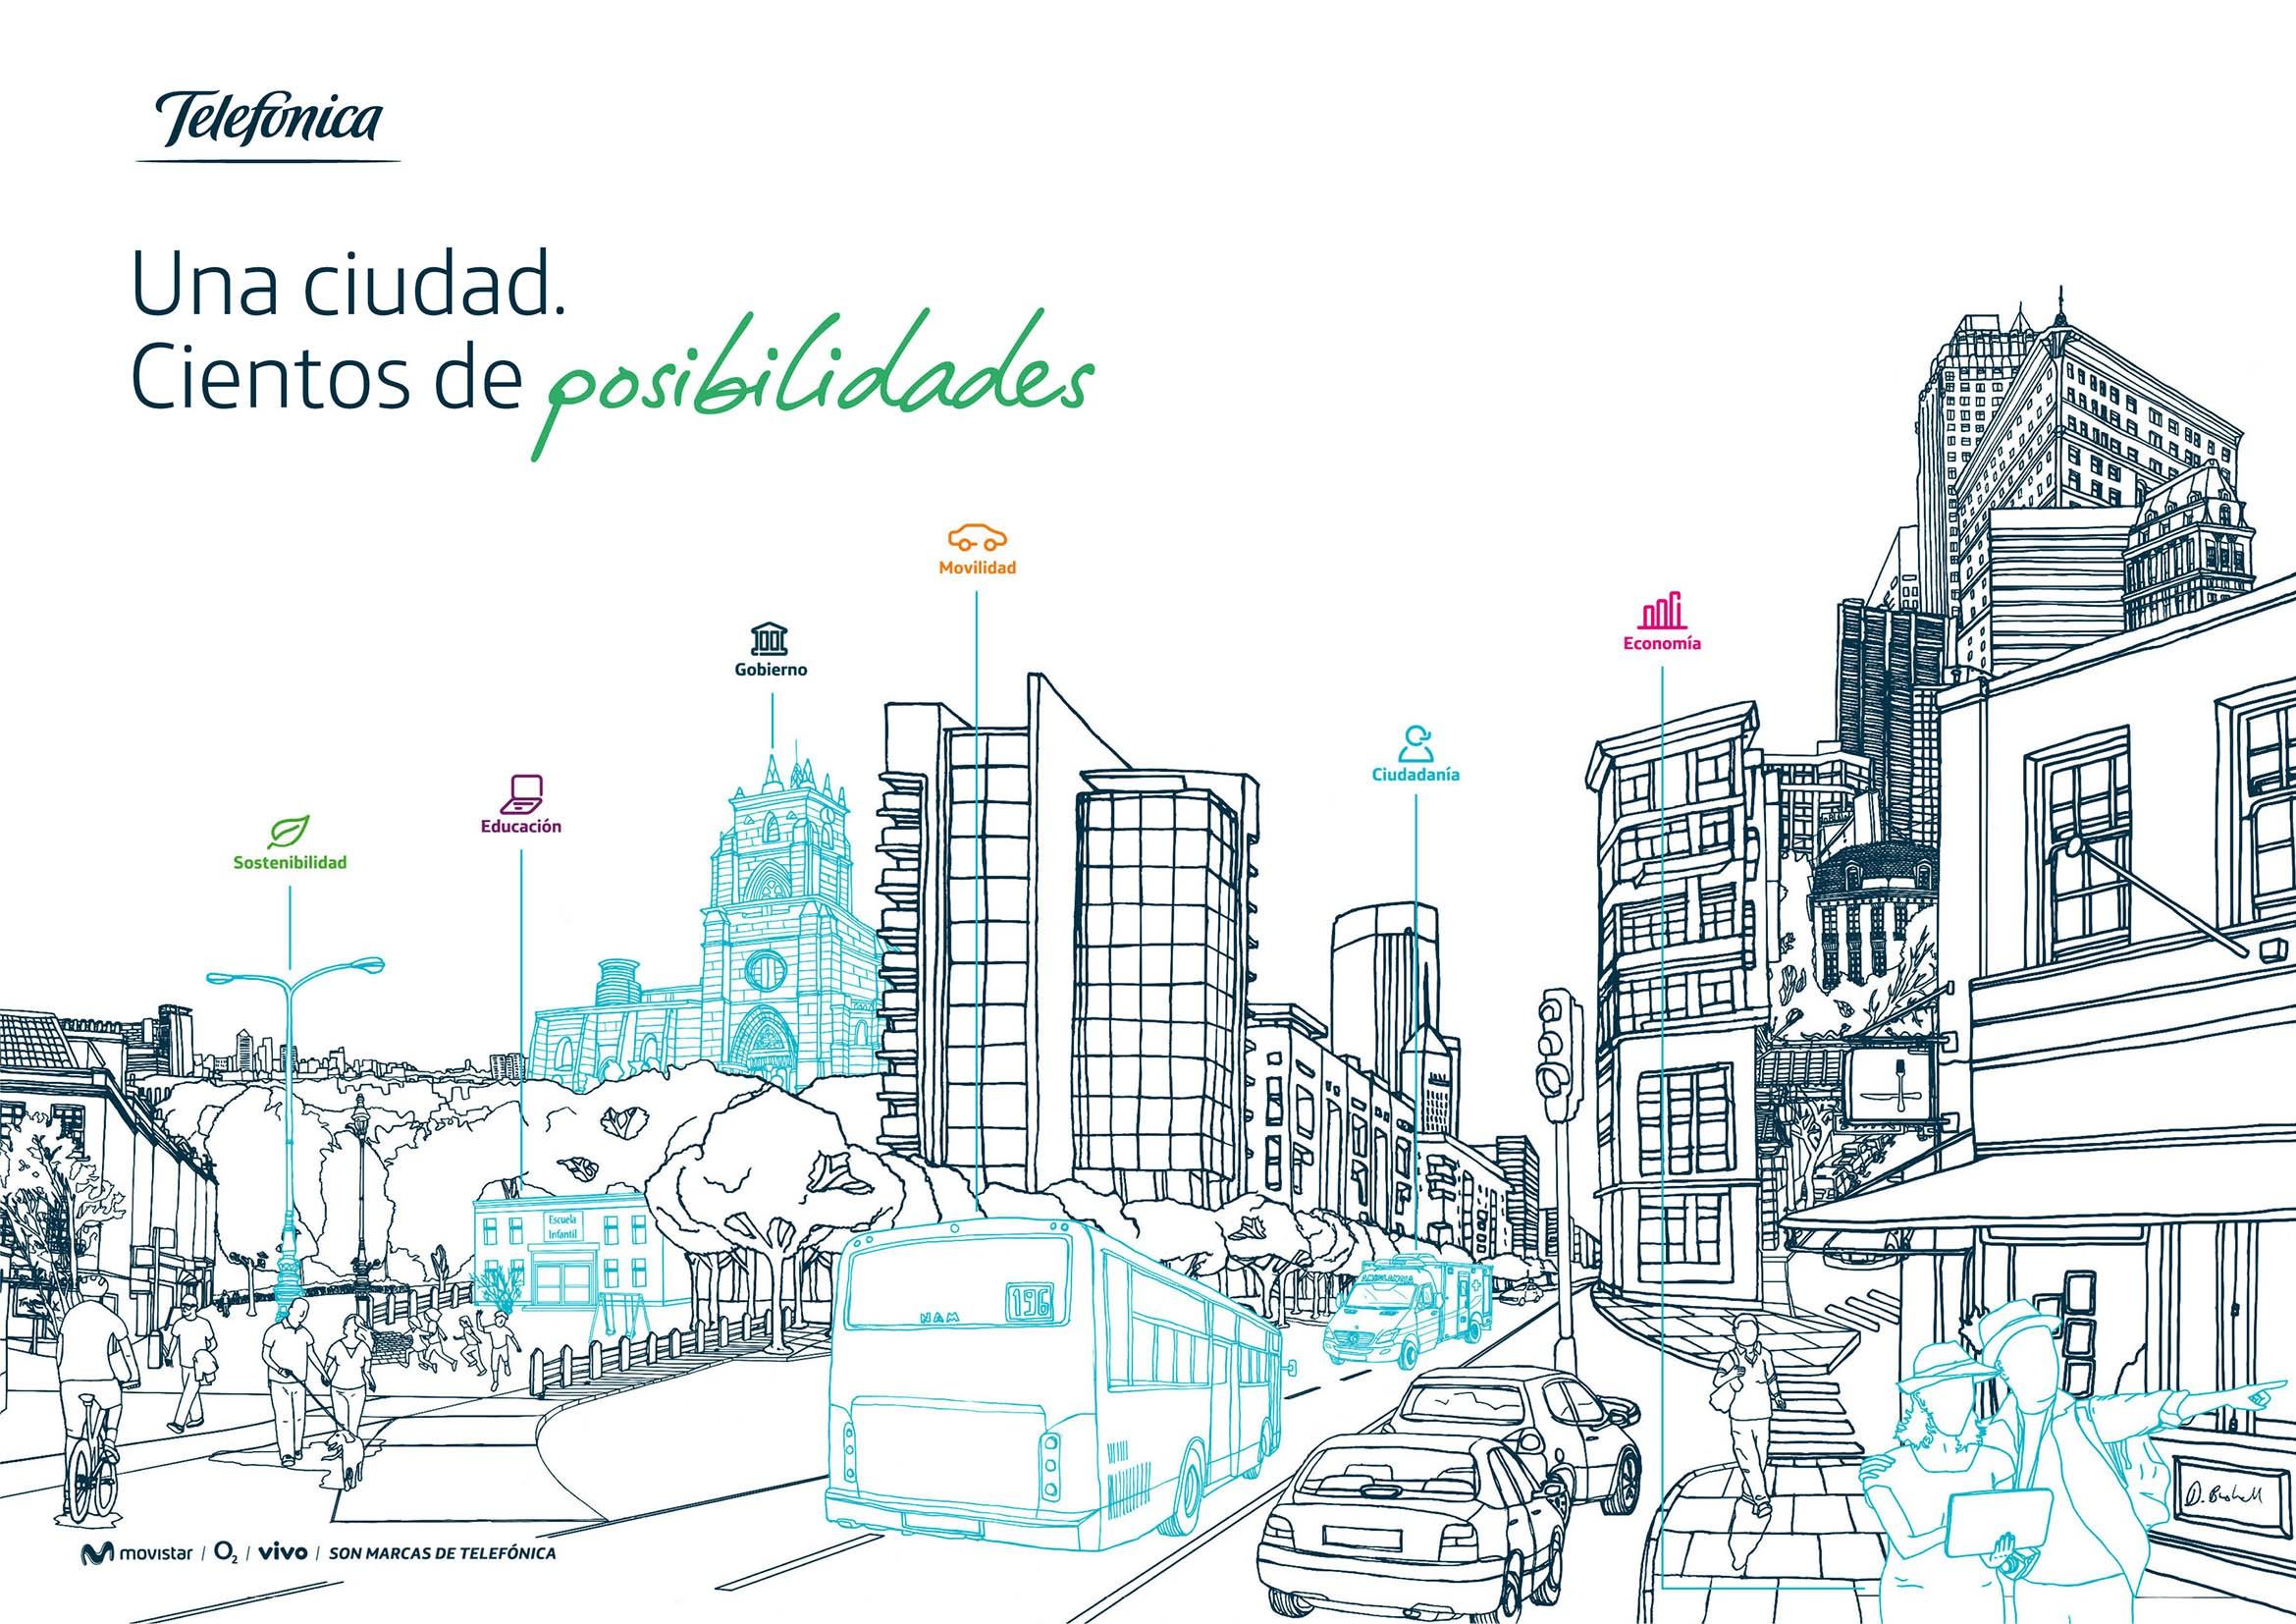 Las ciudades como plataforma de transformación digital